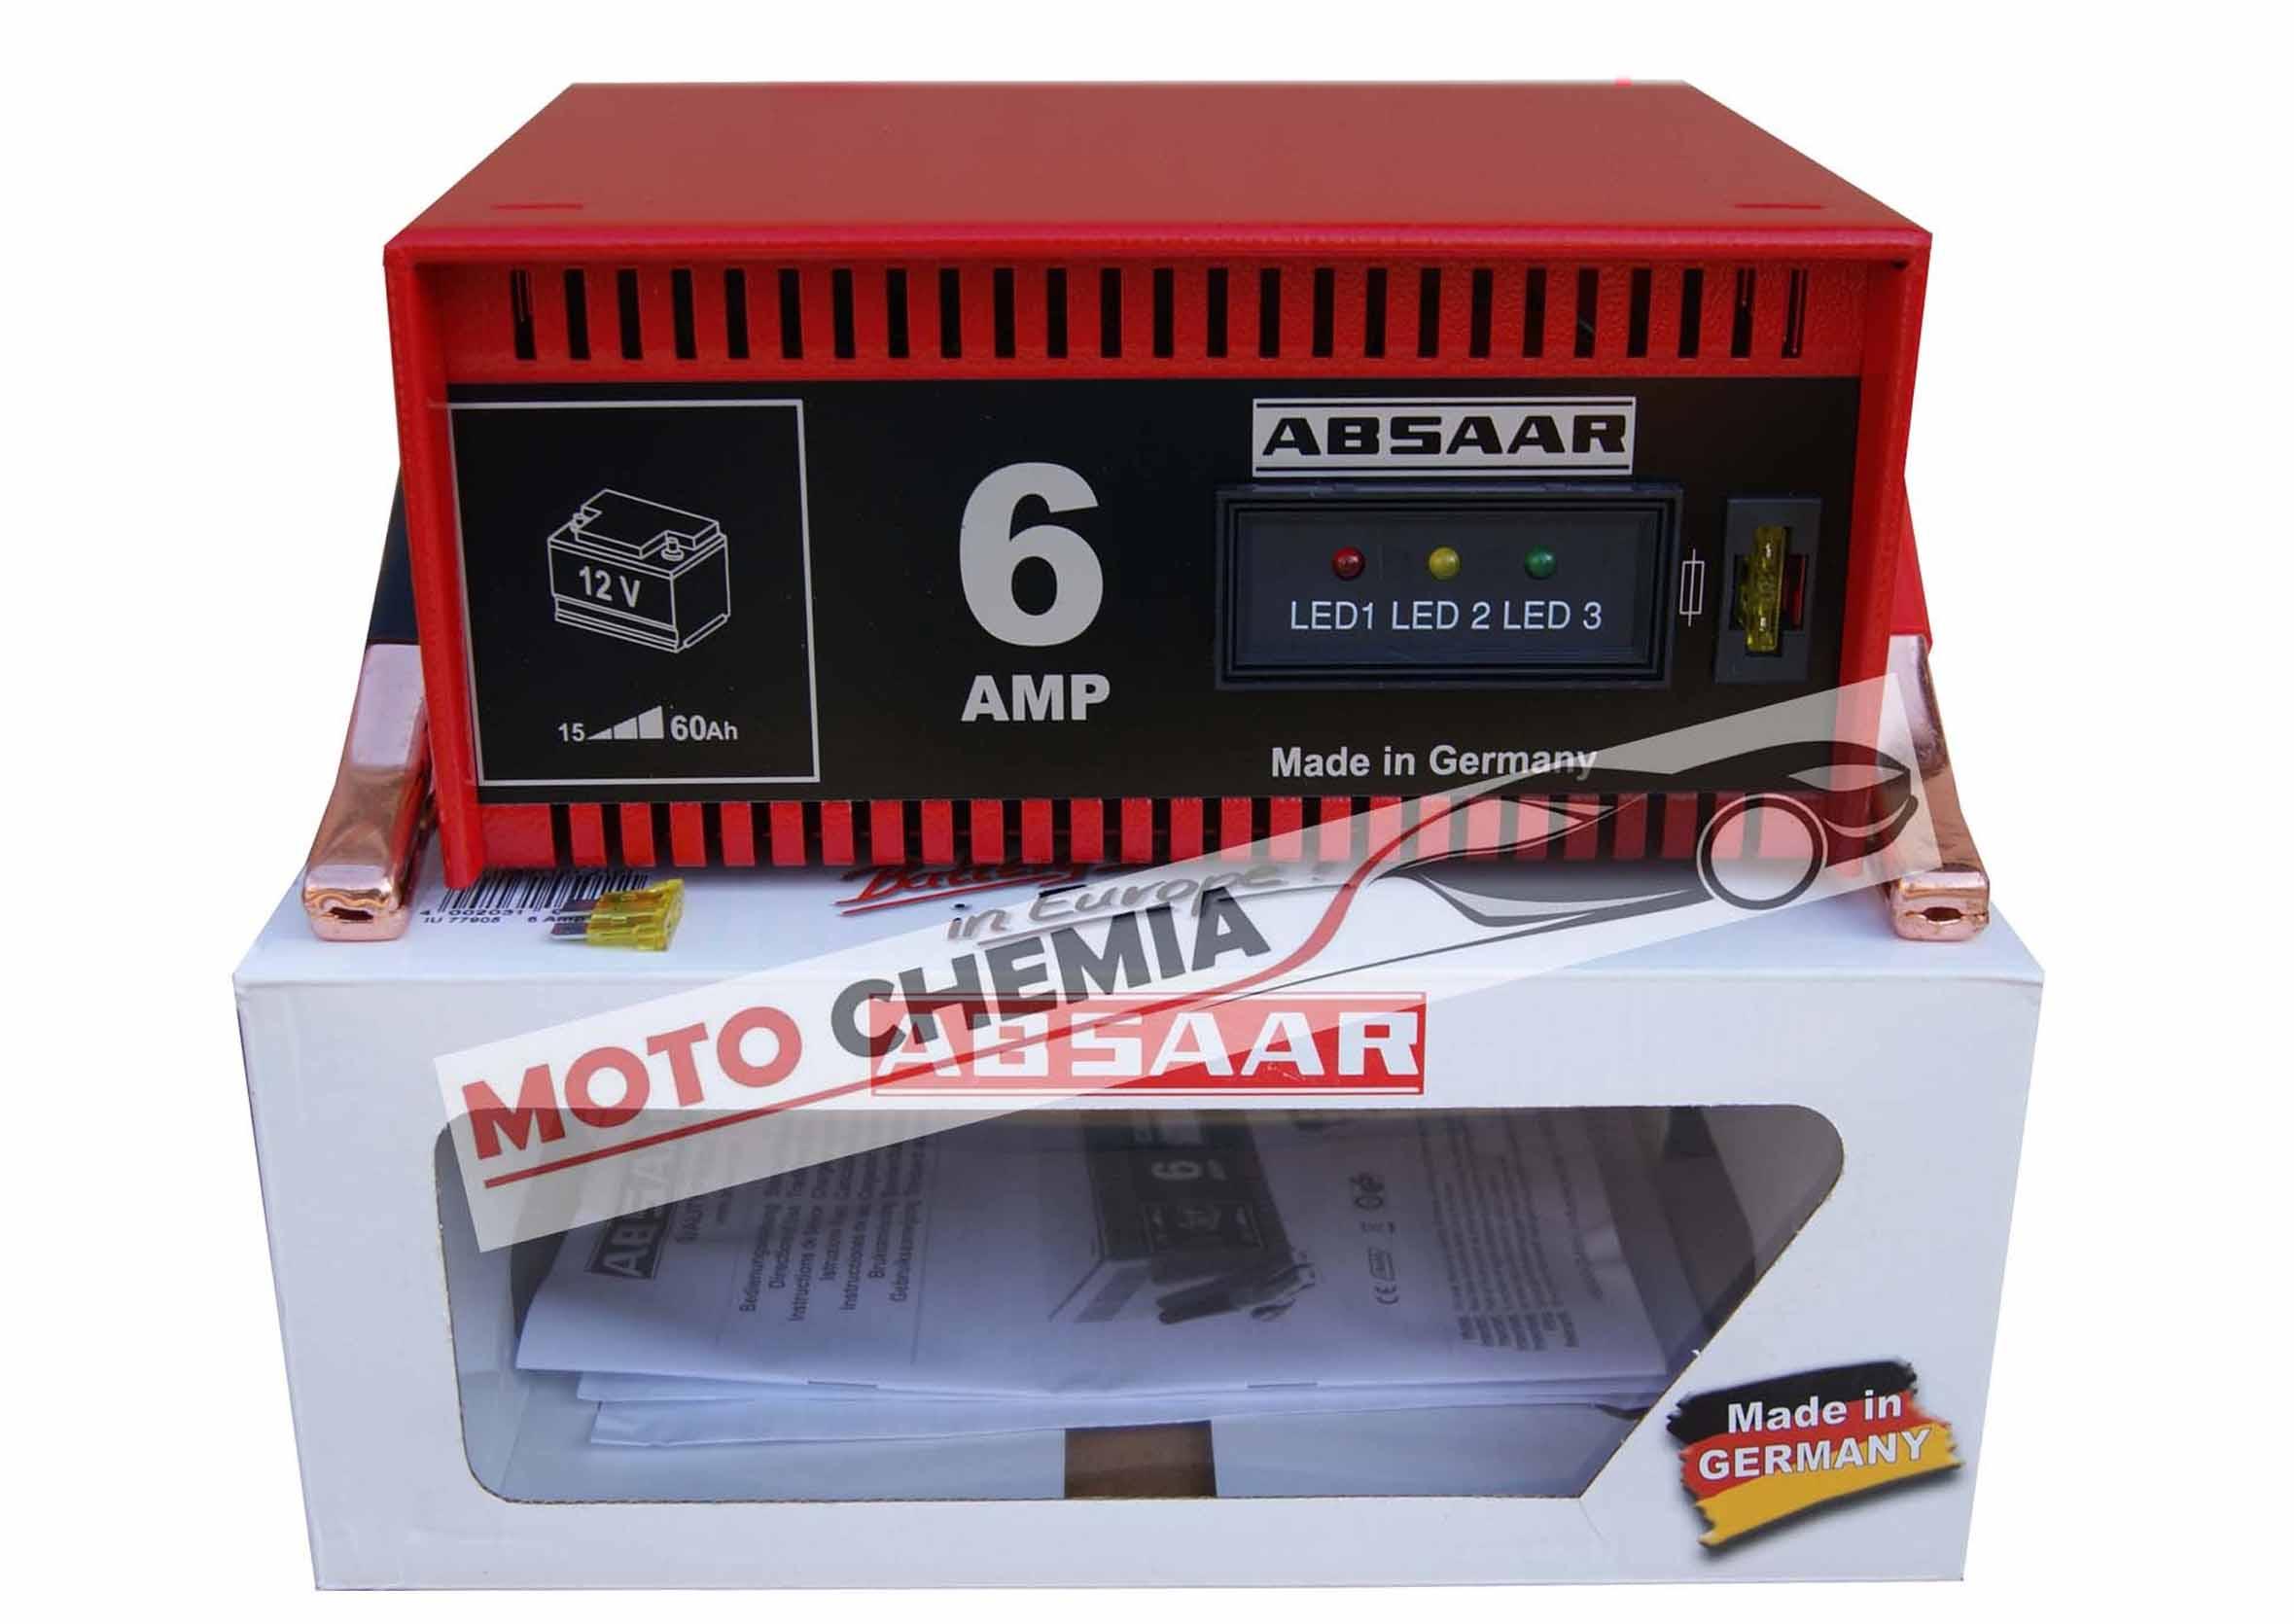 Absaar Prostownik samochodowy 6A 12V do ładowania akumulatora